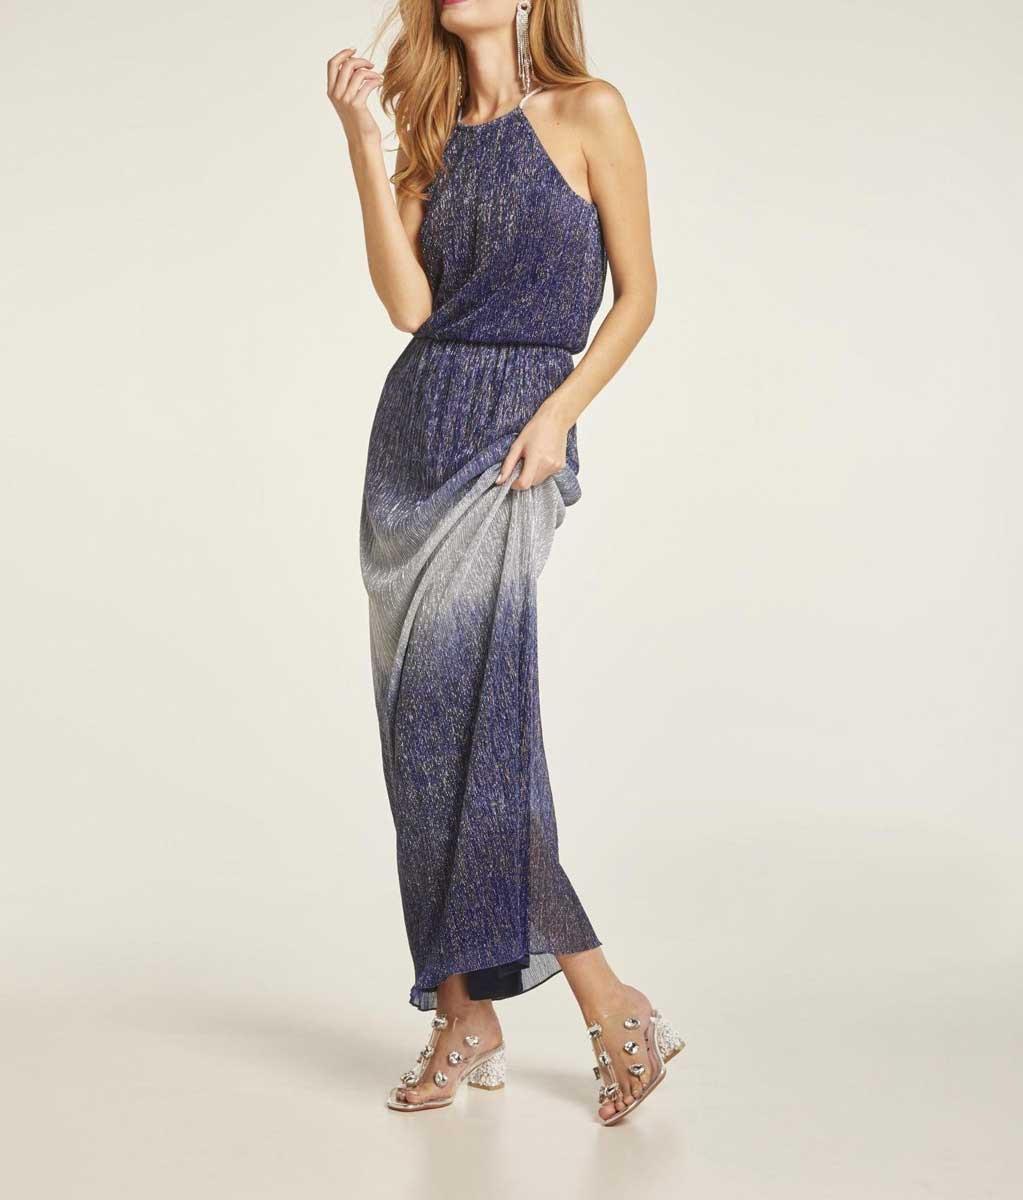 15 Erstaunlich Abendkleid Heine für 2019Abend Schön Abendkleid Heine Spezialgebiet